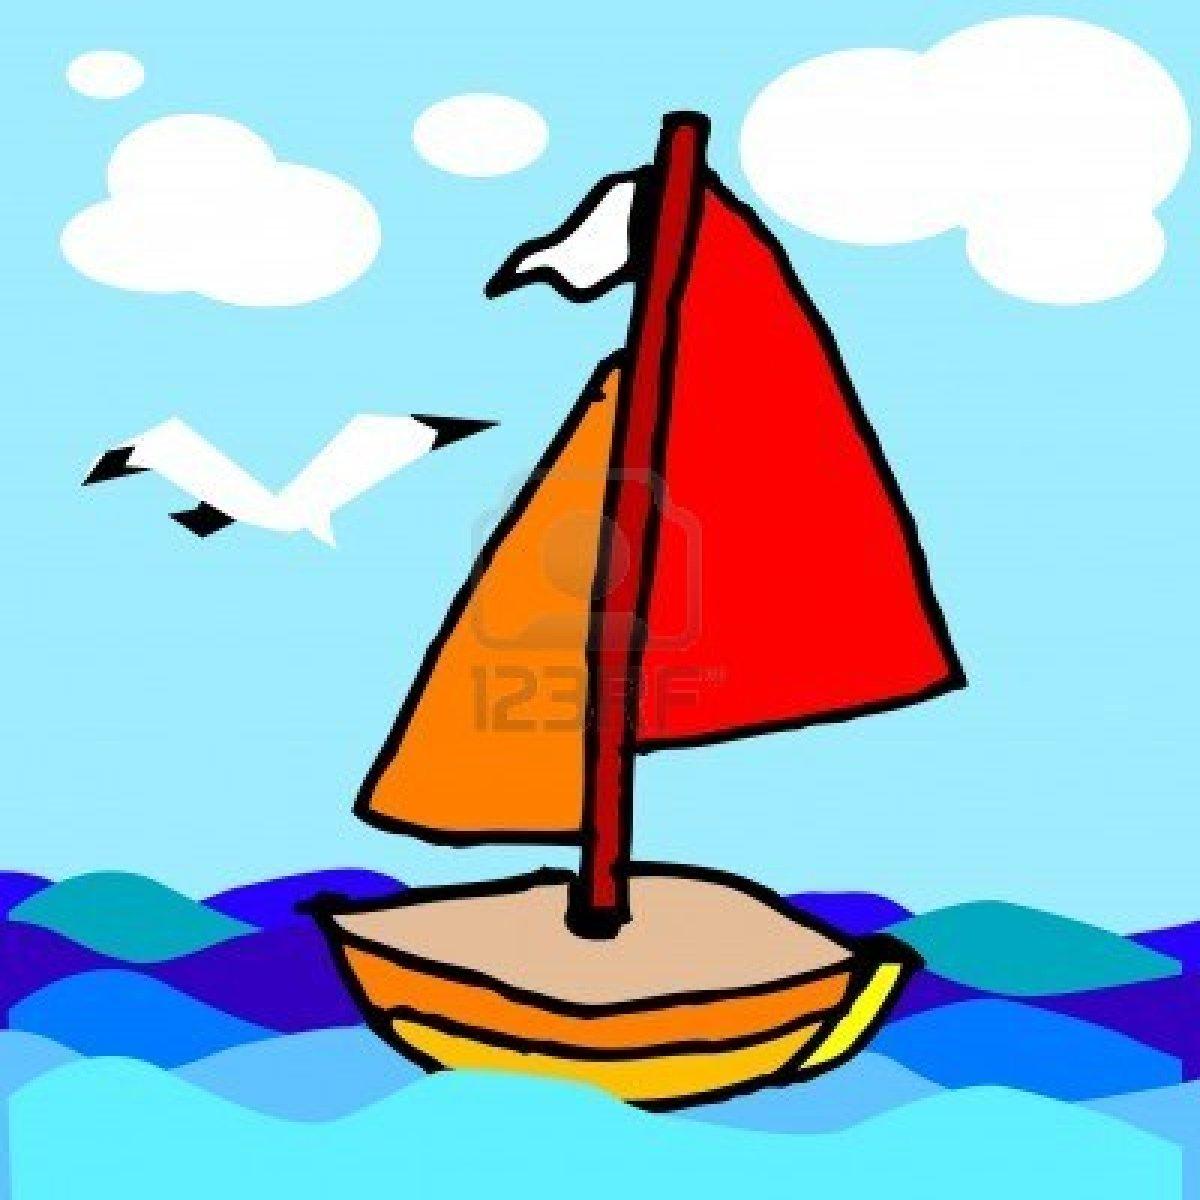 Dessins en couleurs imprimer bateau num ro 208496 - Dessin petit bateau ...